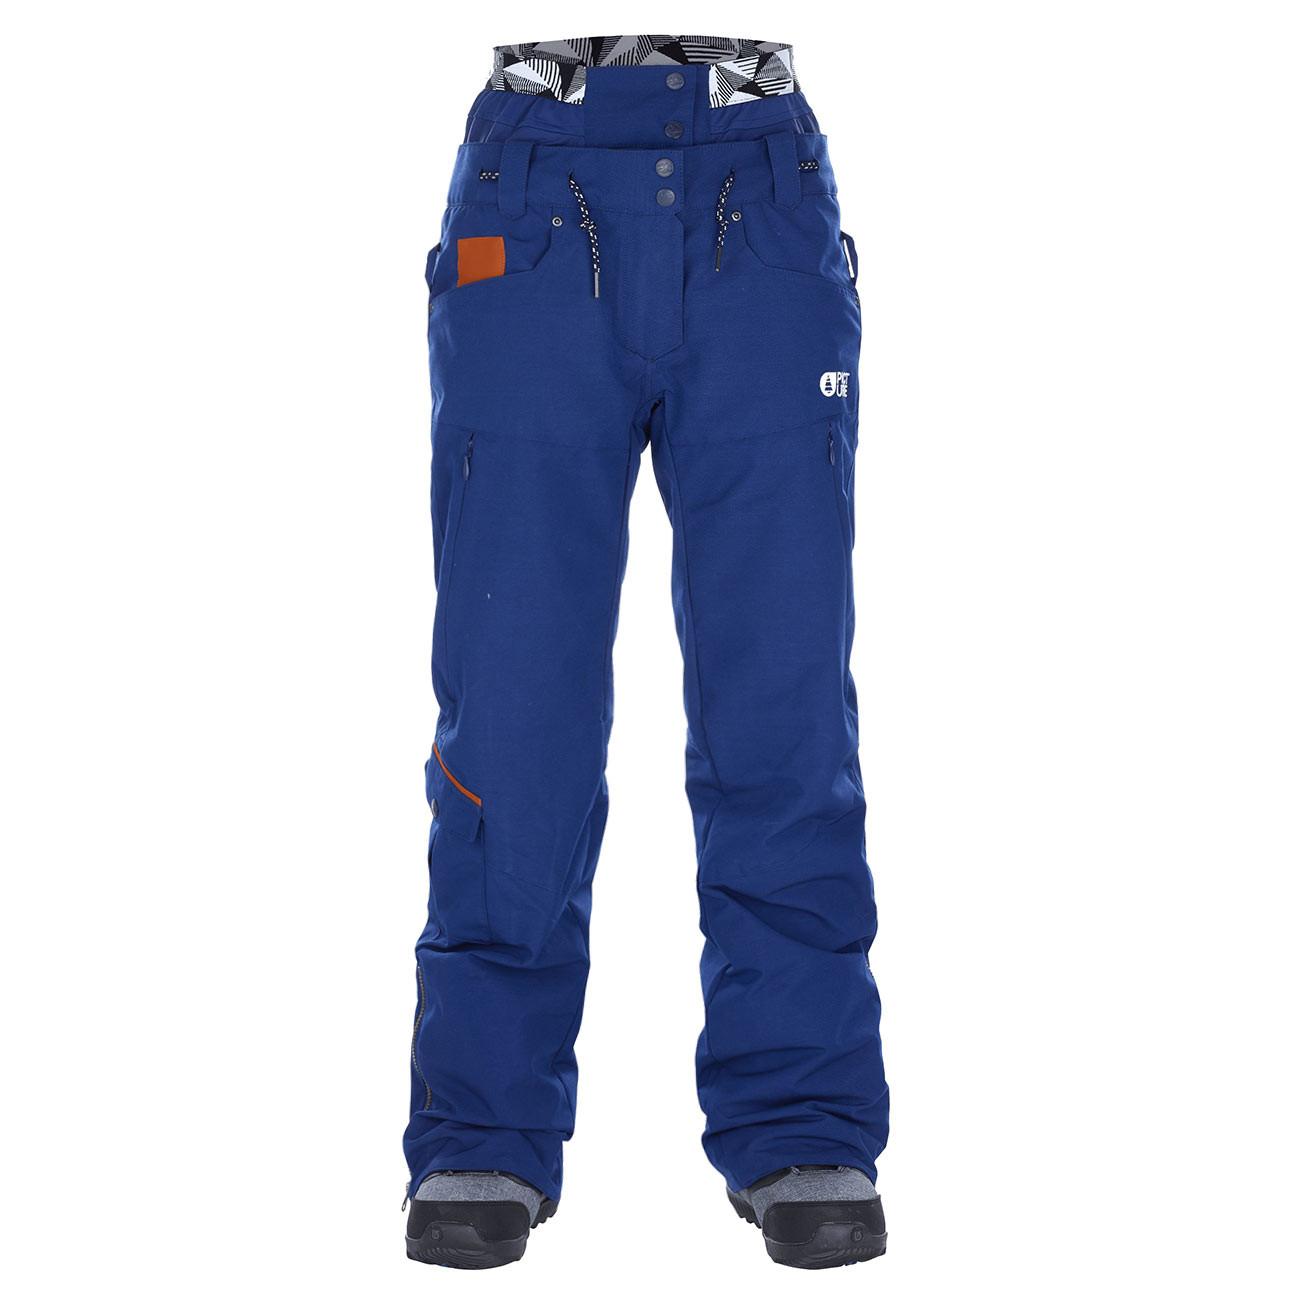 Kalhoty Picture Slany dark blue